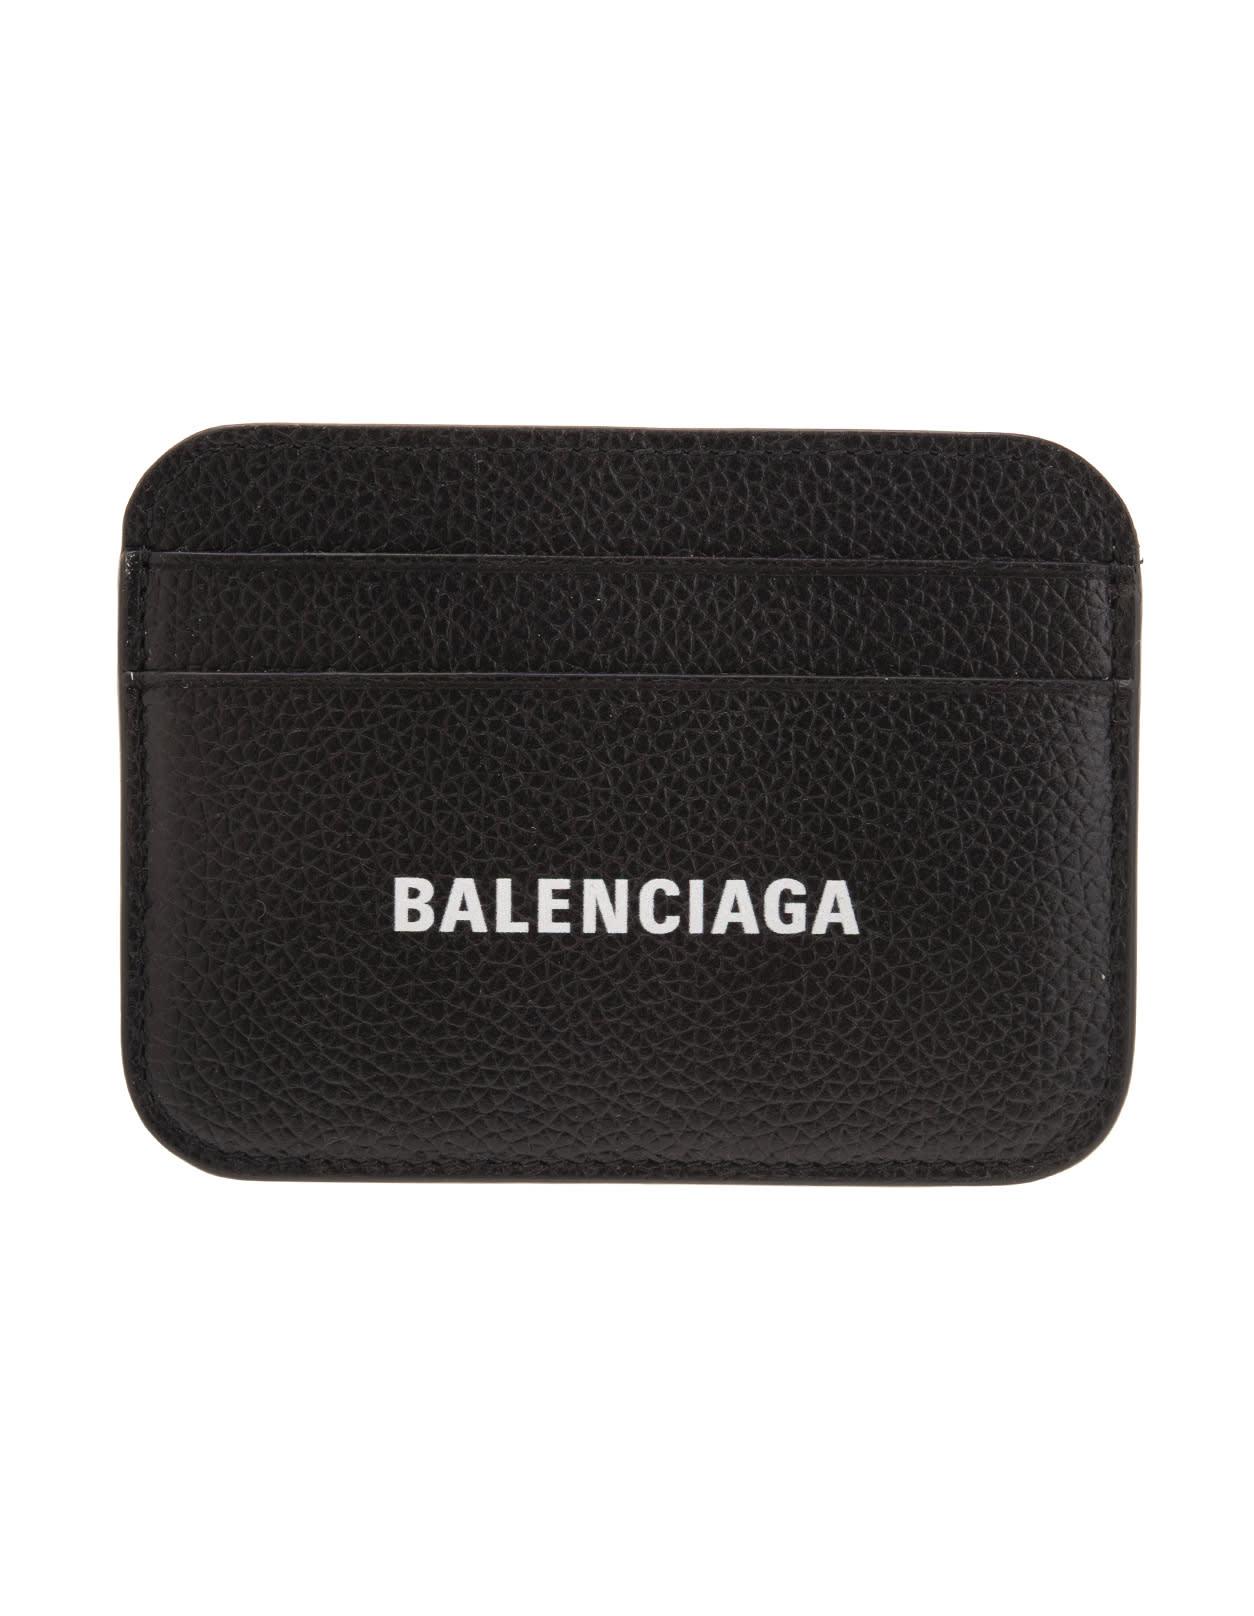 BALENCIAGA BLACK CASH CARD HOLDER WITH LOGO